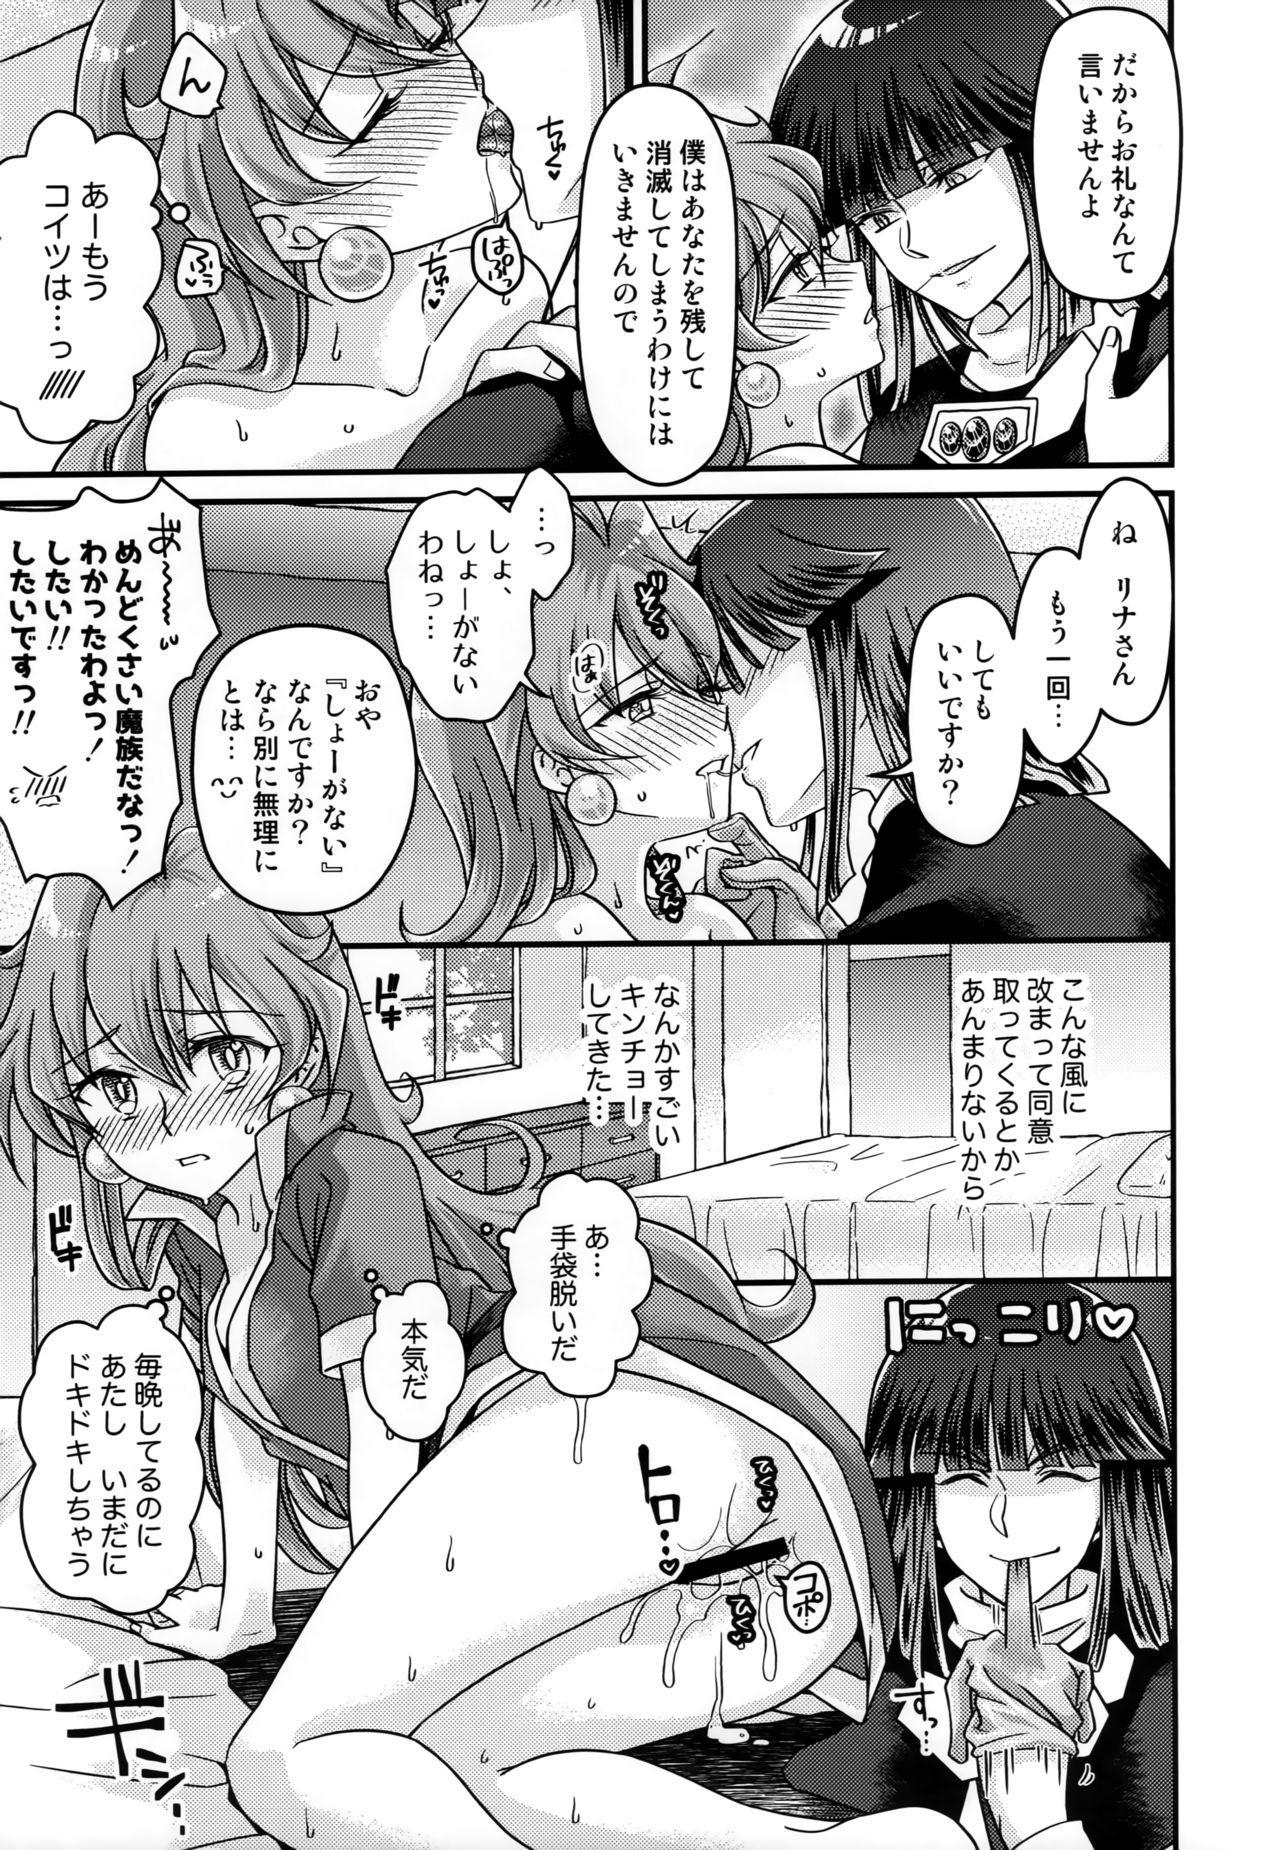 Lina-san ga Kawaii kara Shikatanai. 13